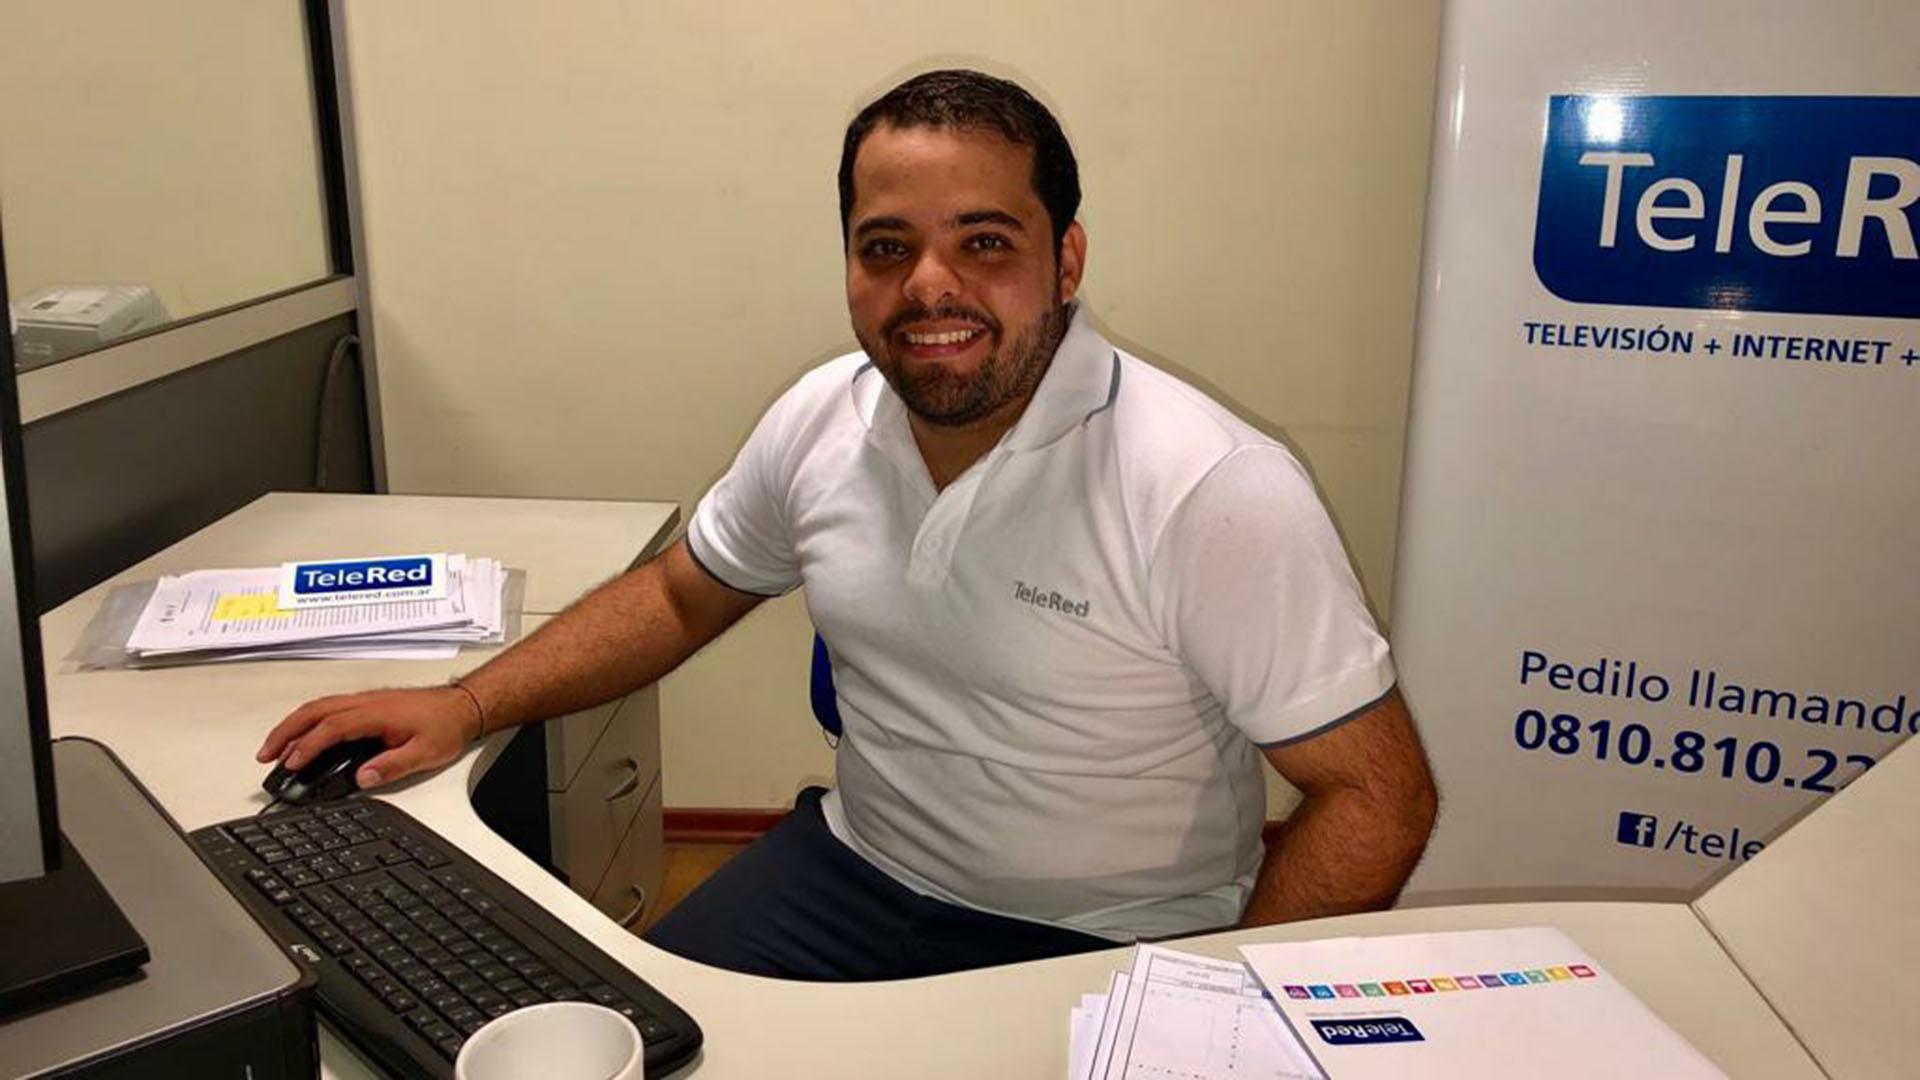 Fabian Carrasco ingeniero venezolano